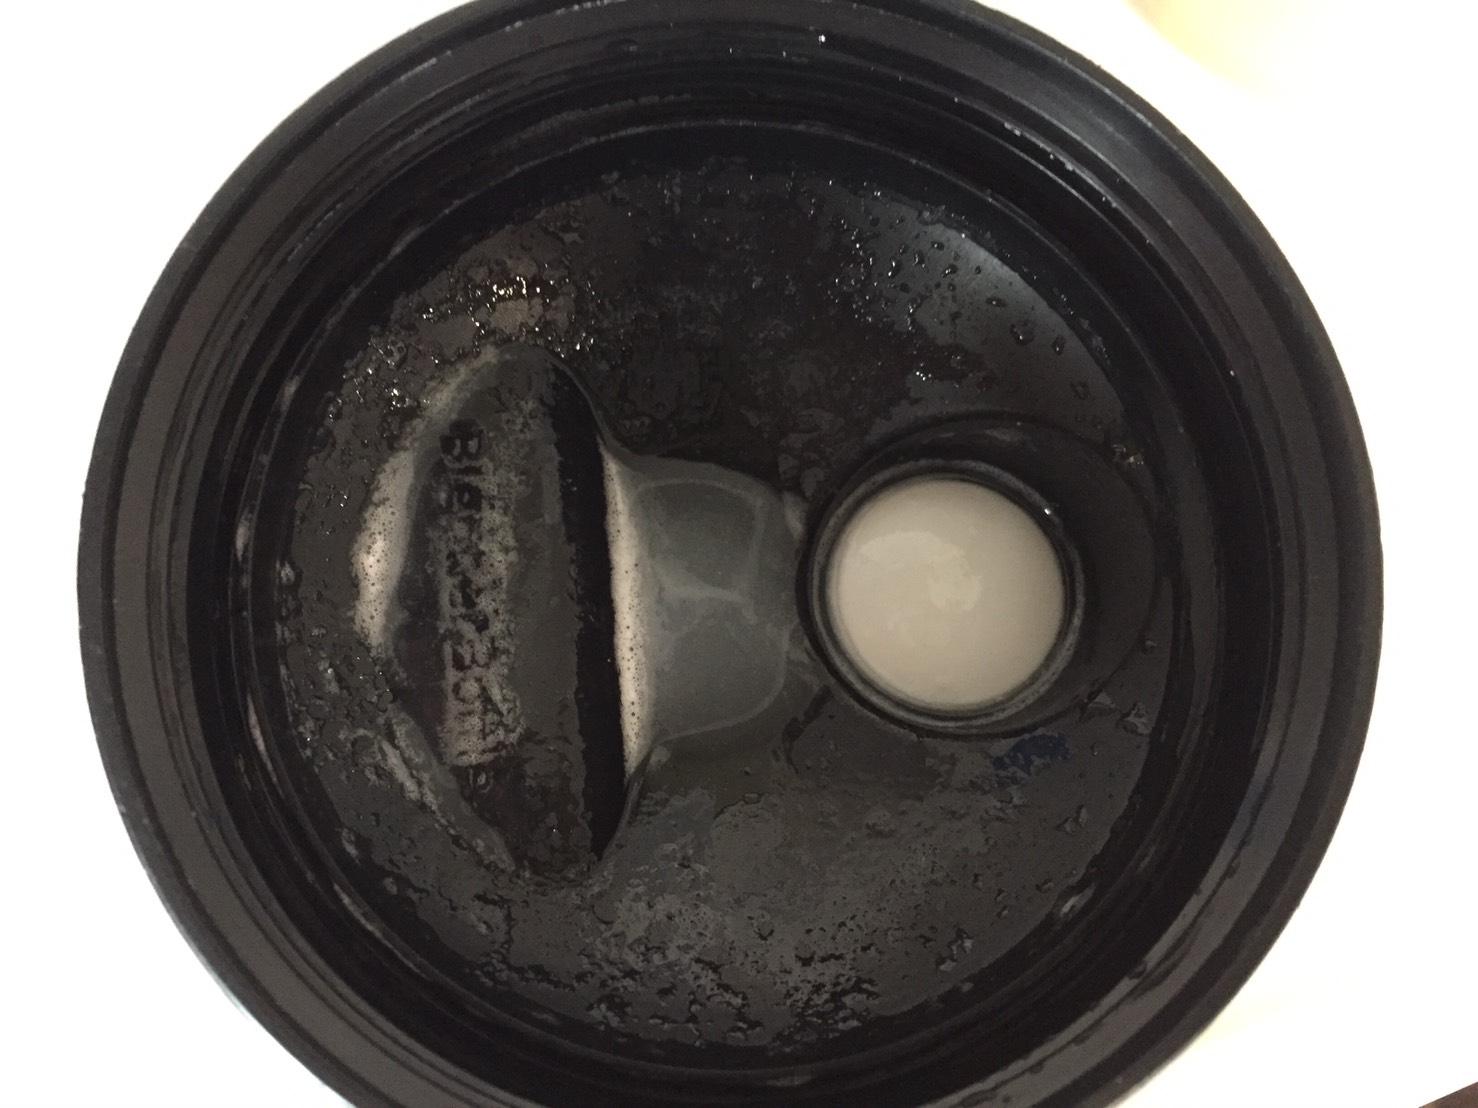 【WPI】IMPACT 分離ホエイプロテイン (アイソレート)「WHITE CHOCOLATE FLAVOUR(ホワイトチョコレート味)」を溶かした様子。蓋側